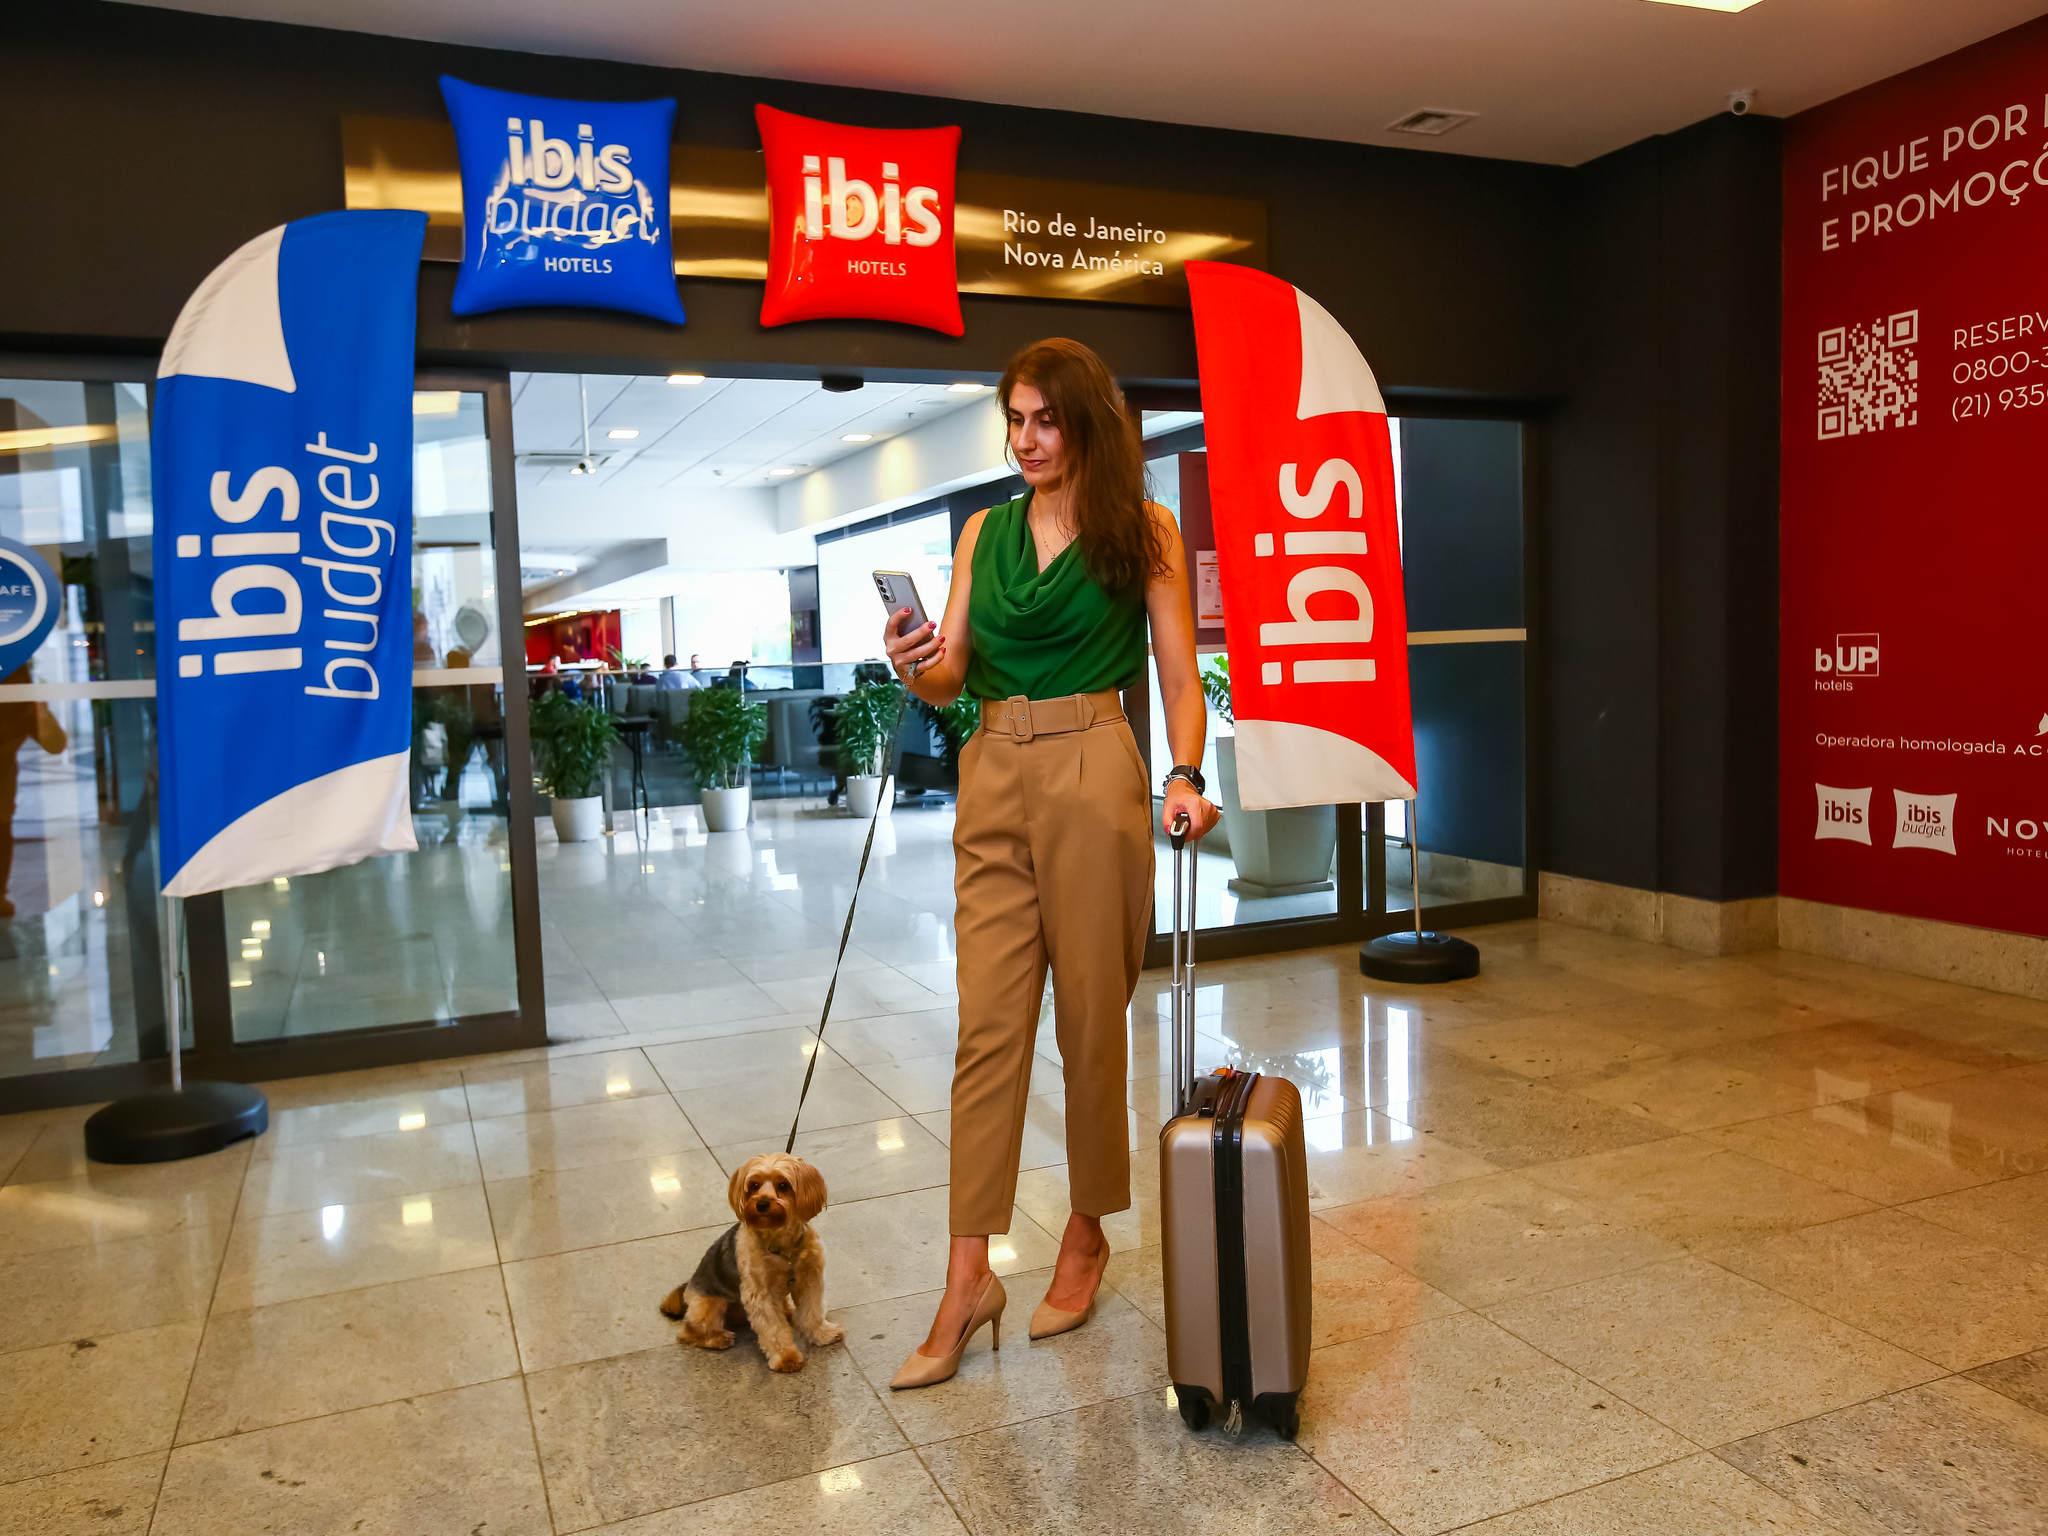 Otel – ibis budget Rio de Janeiro Nova America